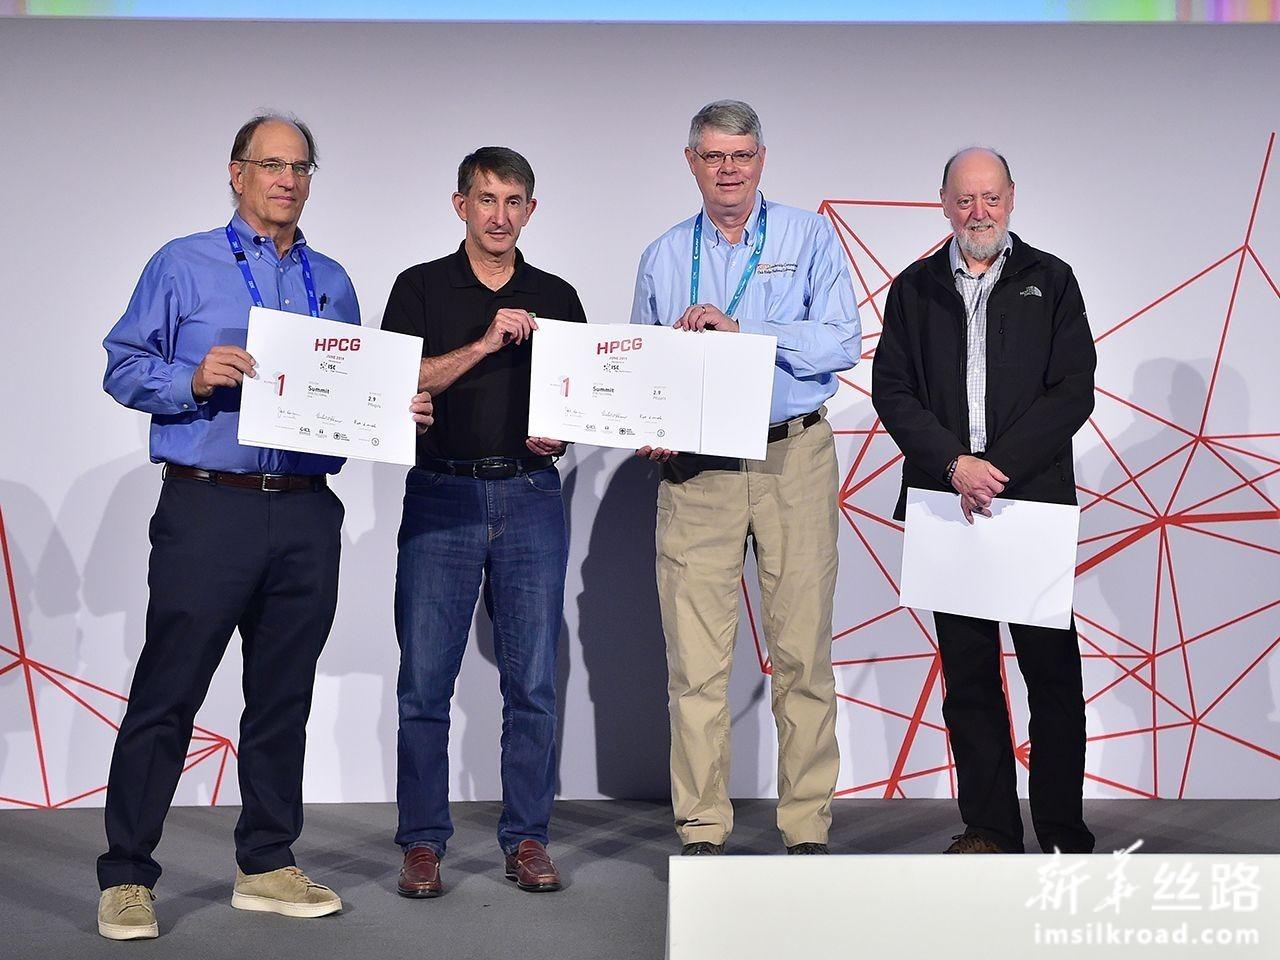 """6月17日,在德国法兰克福,美国能源部下属橡树岭国家实验室开发的""""顶点""""团队代表上台领取证书。新华社记者 逯阳 摄"""